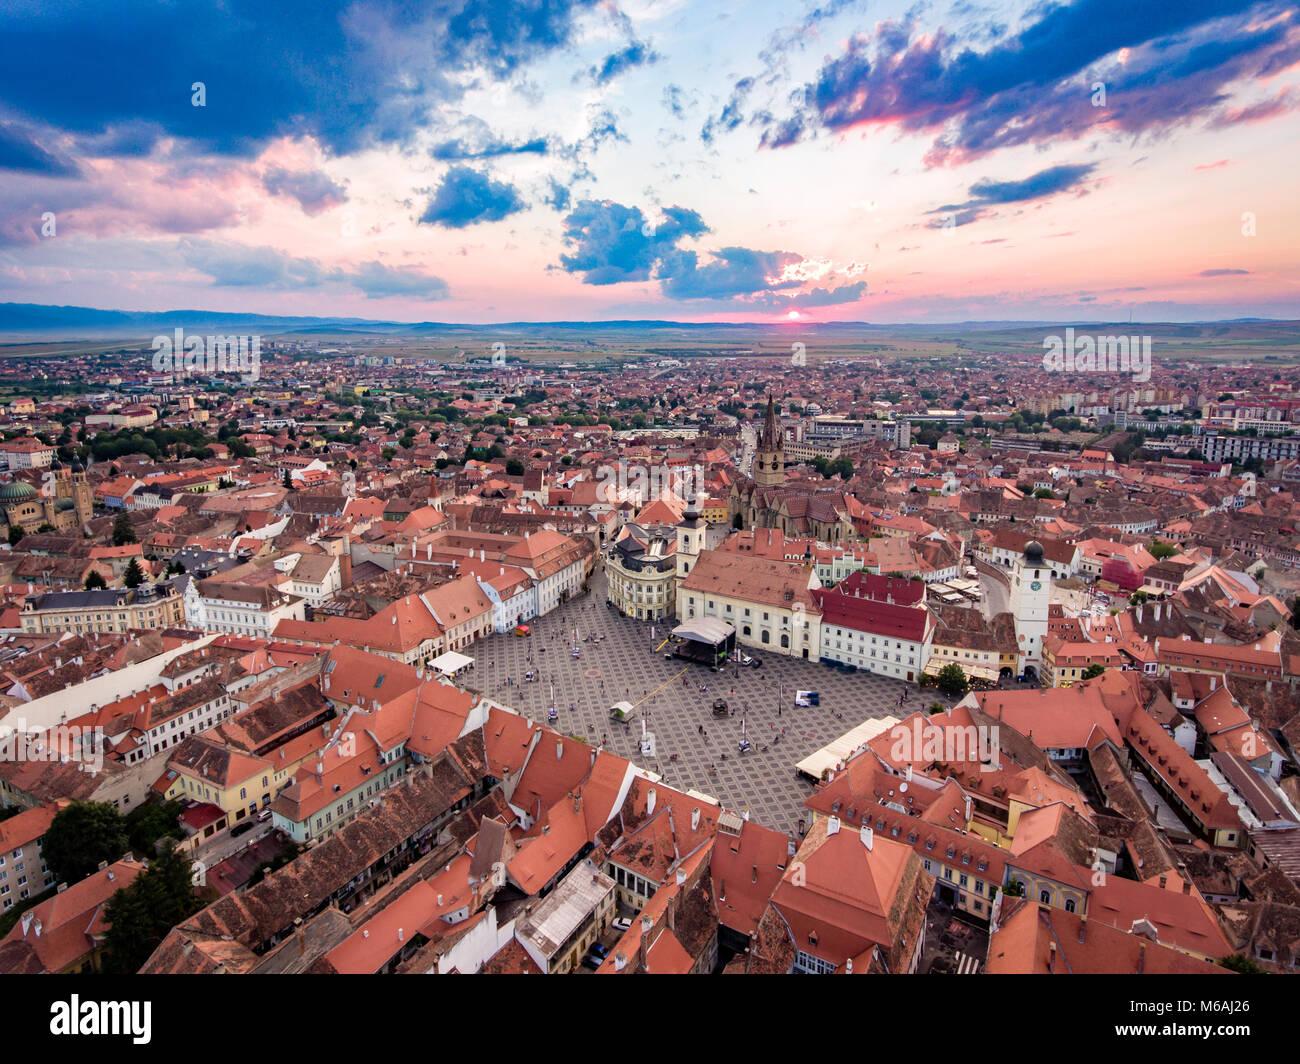 Sunset in Sibiu - Stock Image